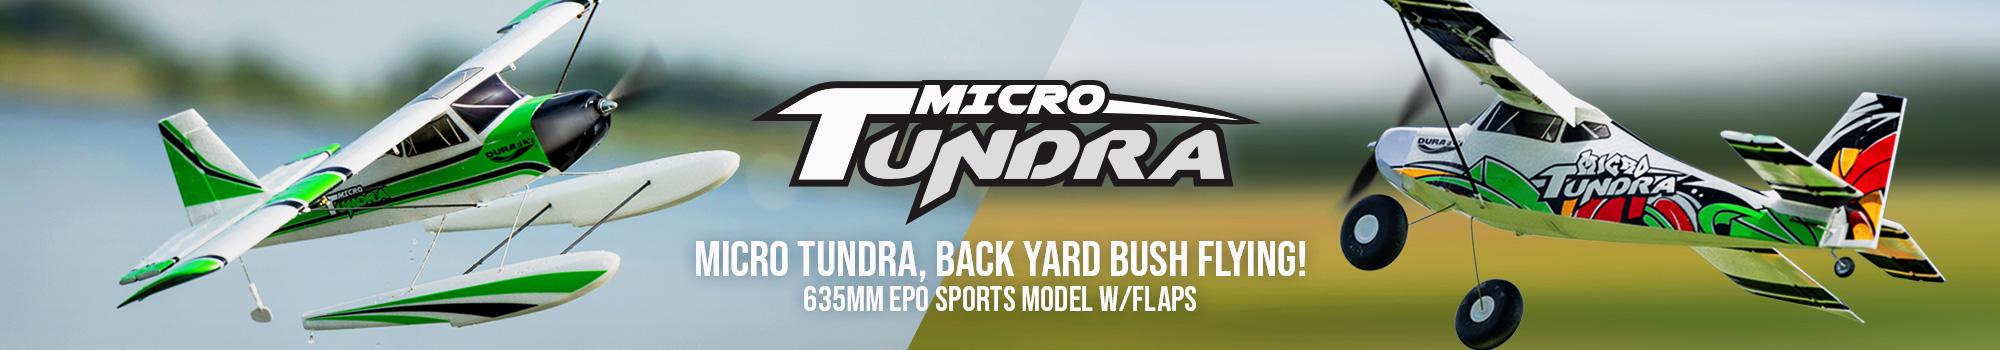 Durafly Micro Tundra